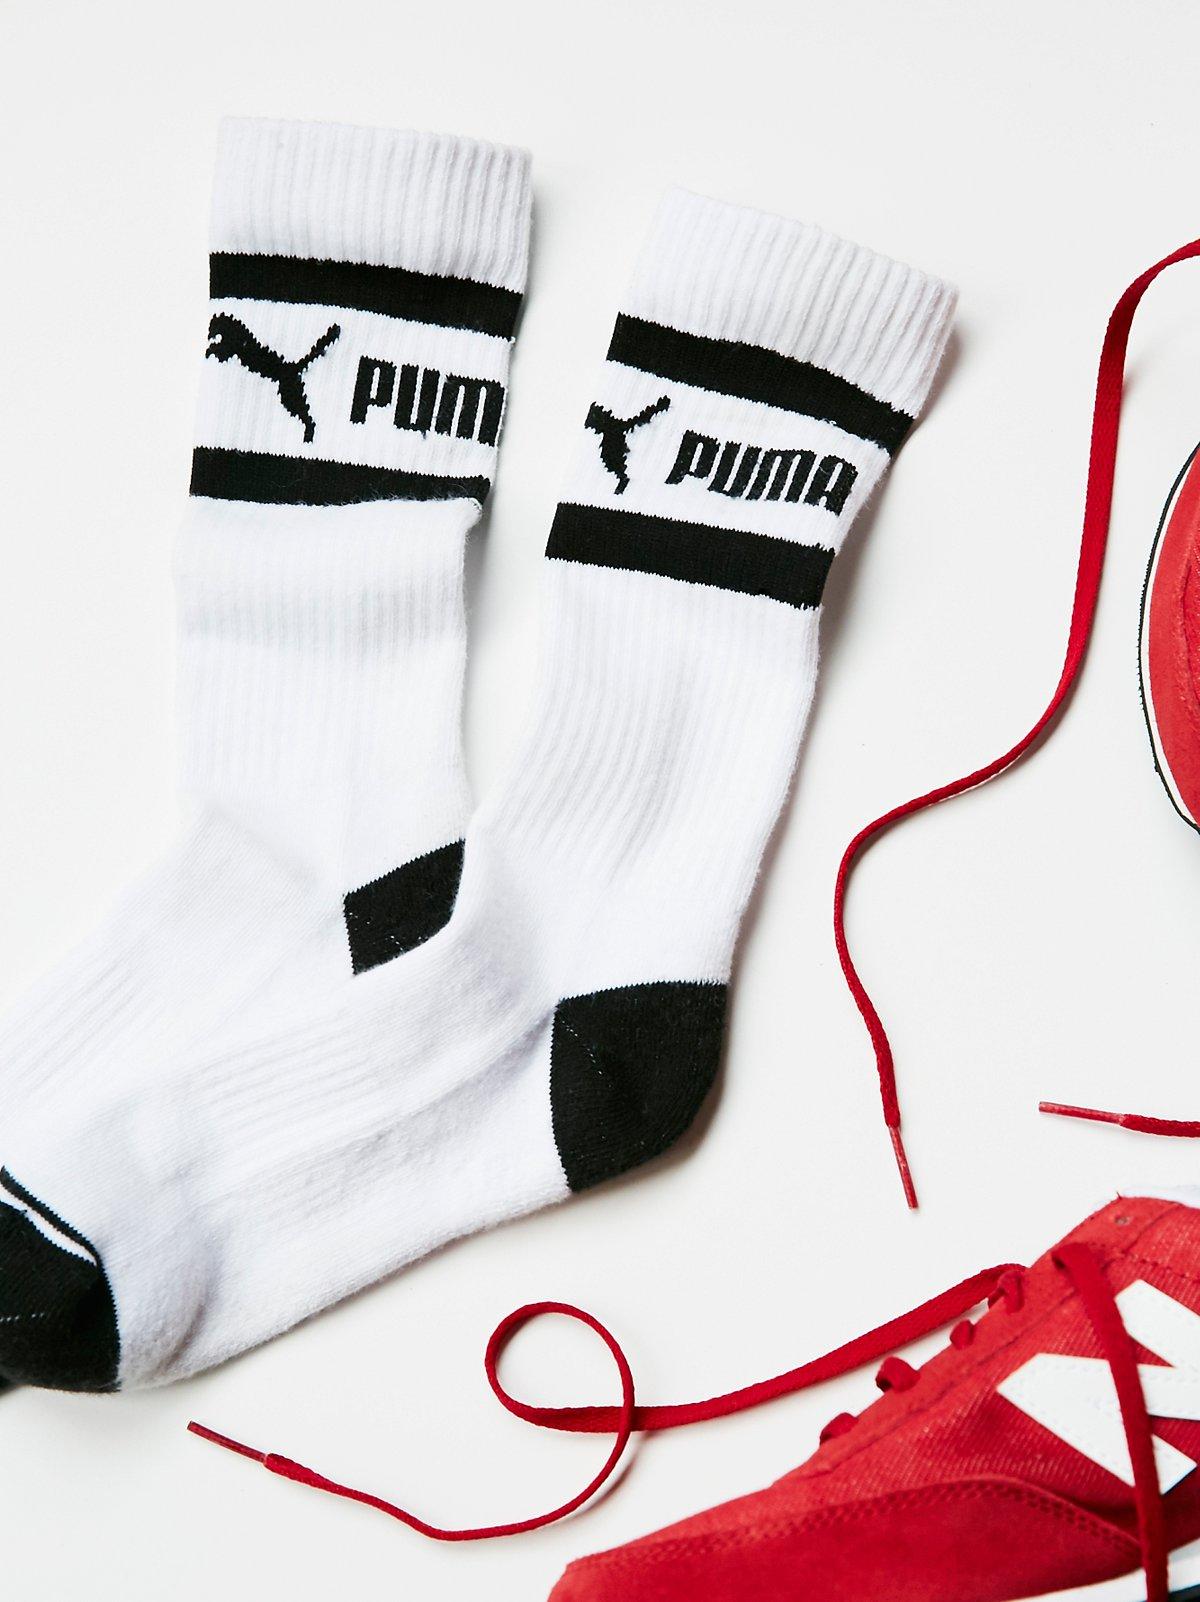 Puma毛圈运动袜